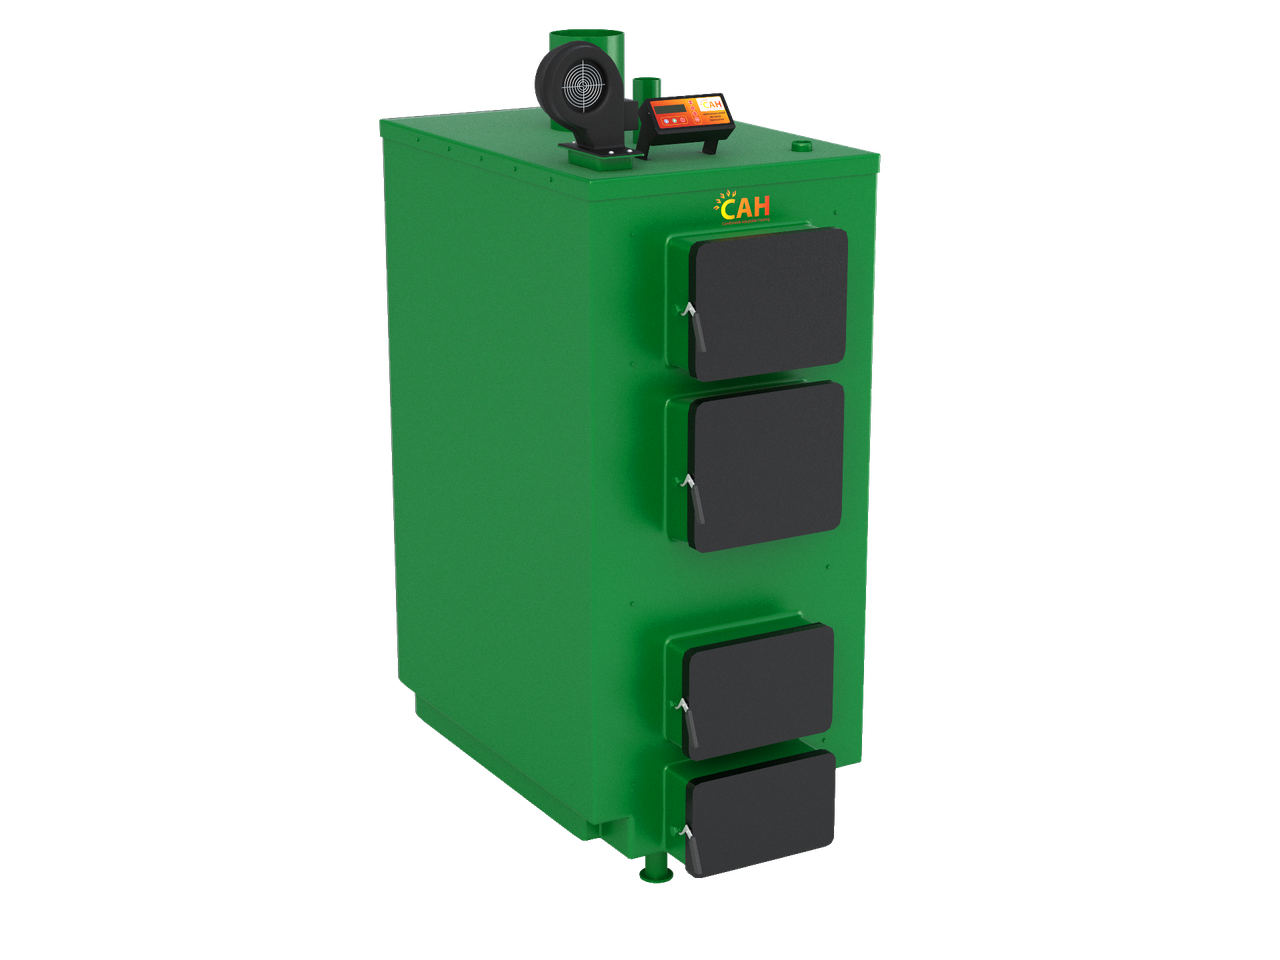 САН- ПТ (CAH-PT) котлы   длительного горения на бытовых отходах мощностью 56 кВт